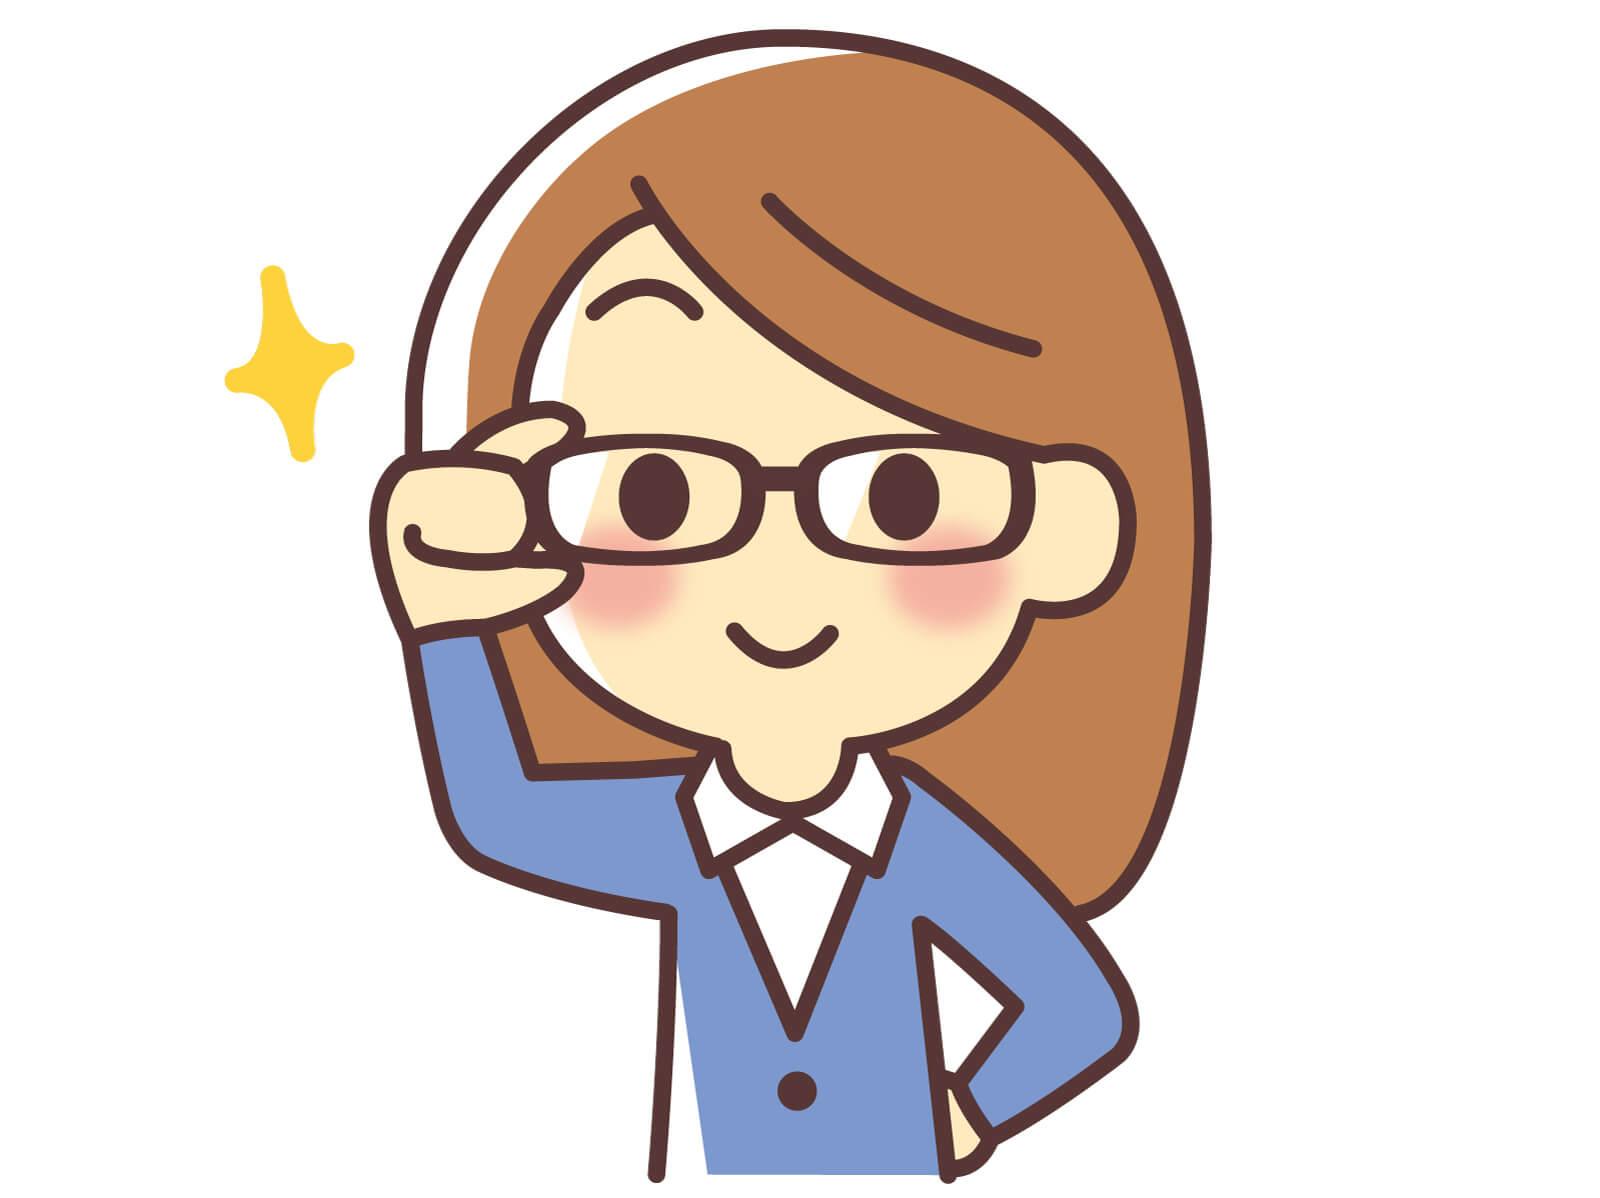 個別進学指導塾「TOMAS」でアルバイト!!【面接・試験・研修について】